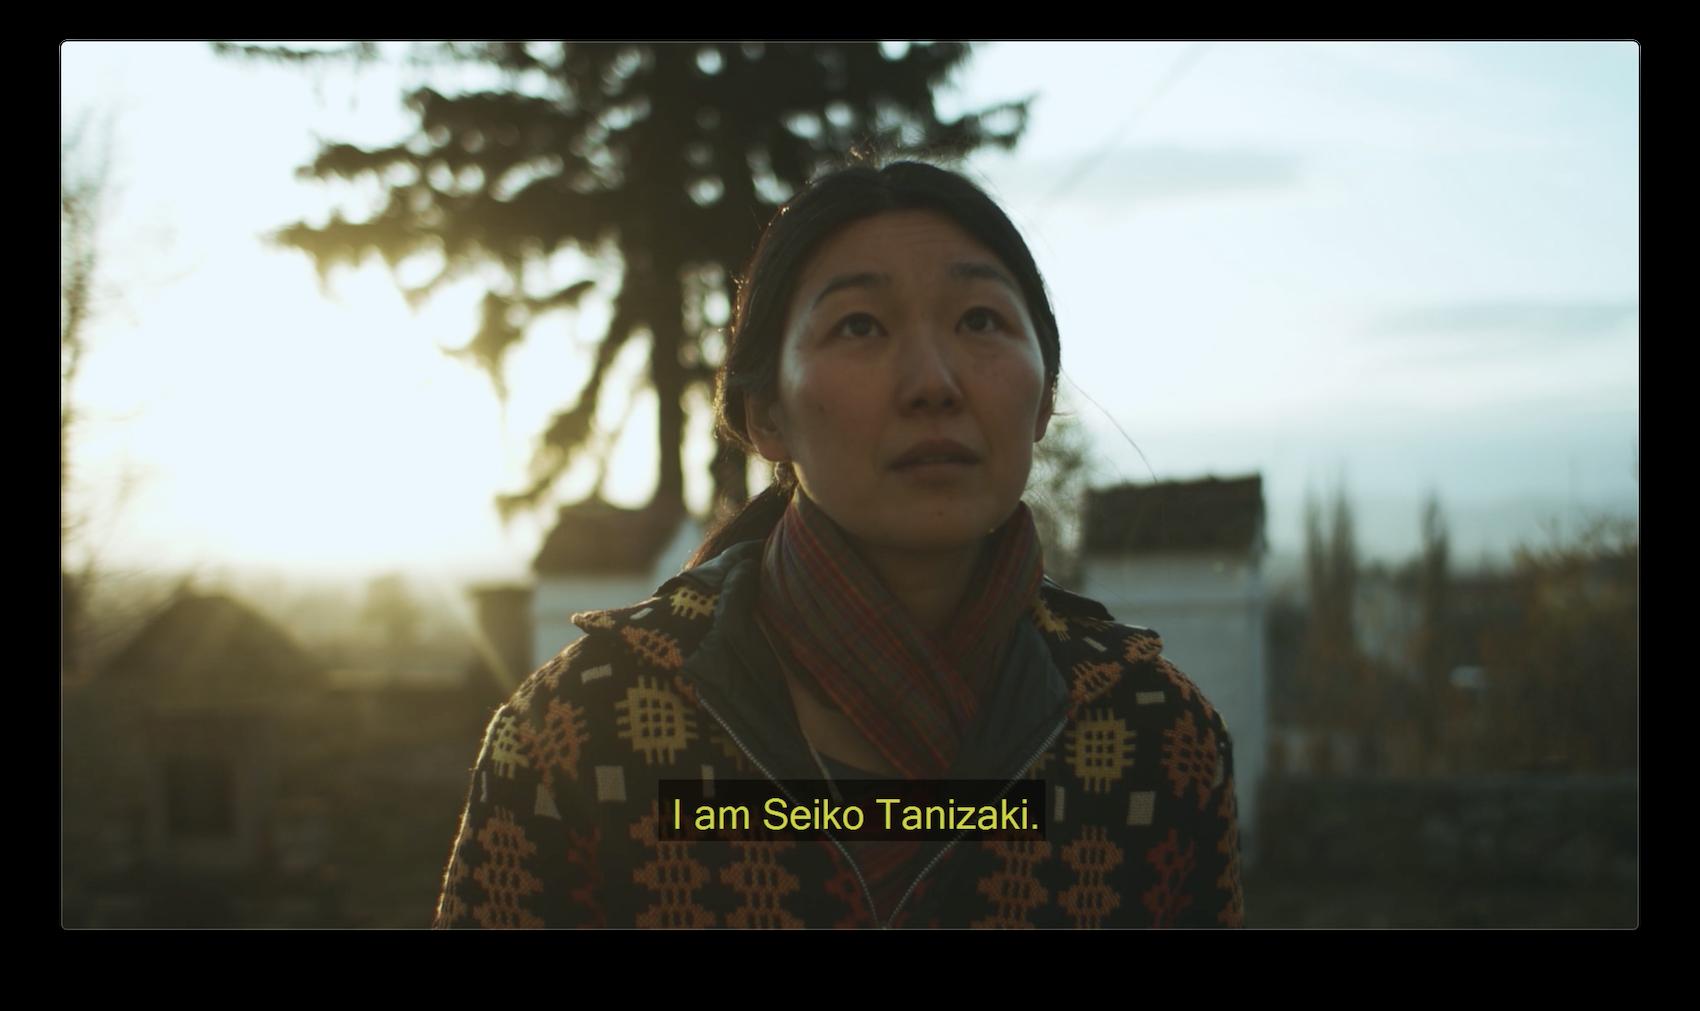 Faces of Transylvania: Seiko Tanizaki